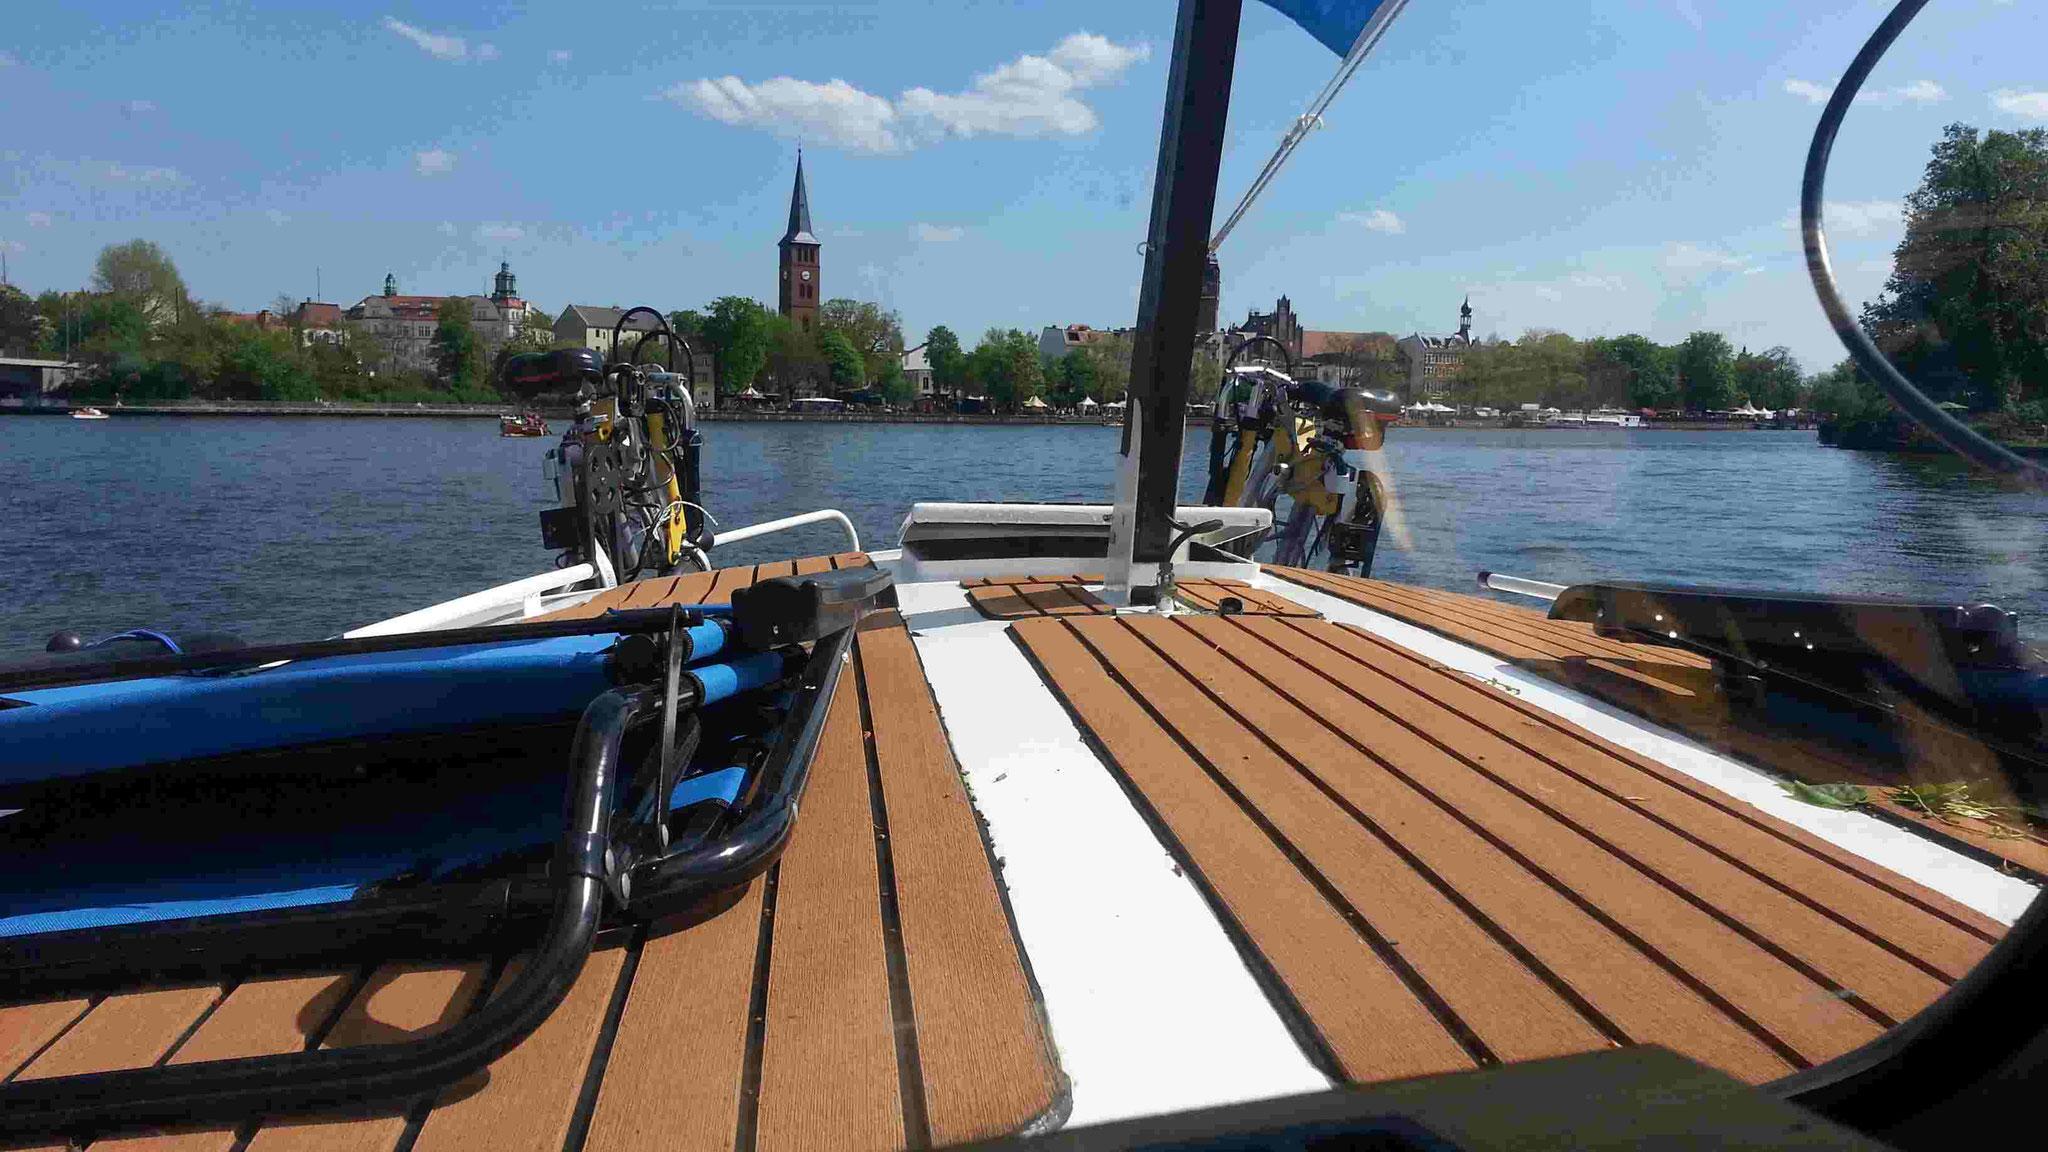 Blick auf die Stadt Köpenick und unseren neuen Decksbelag